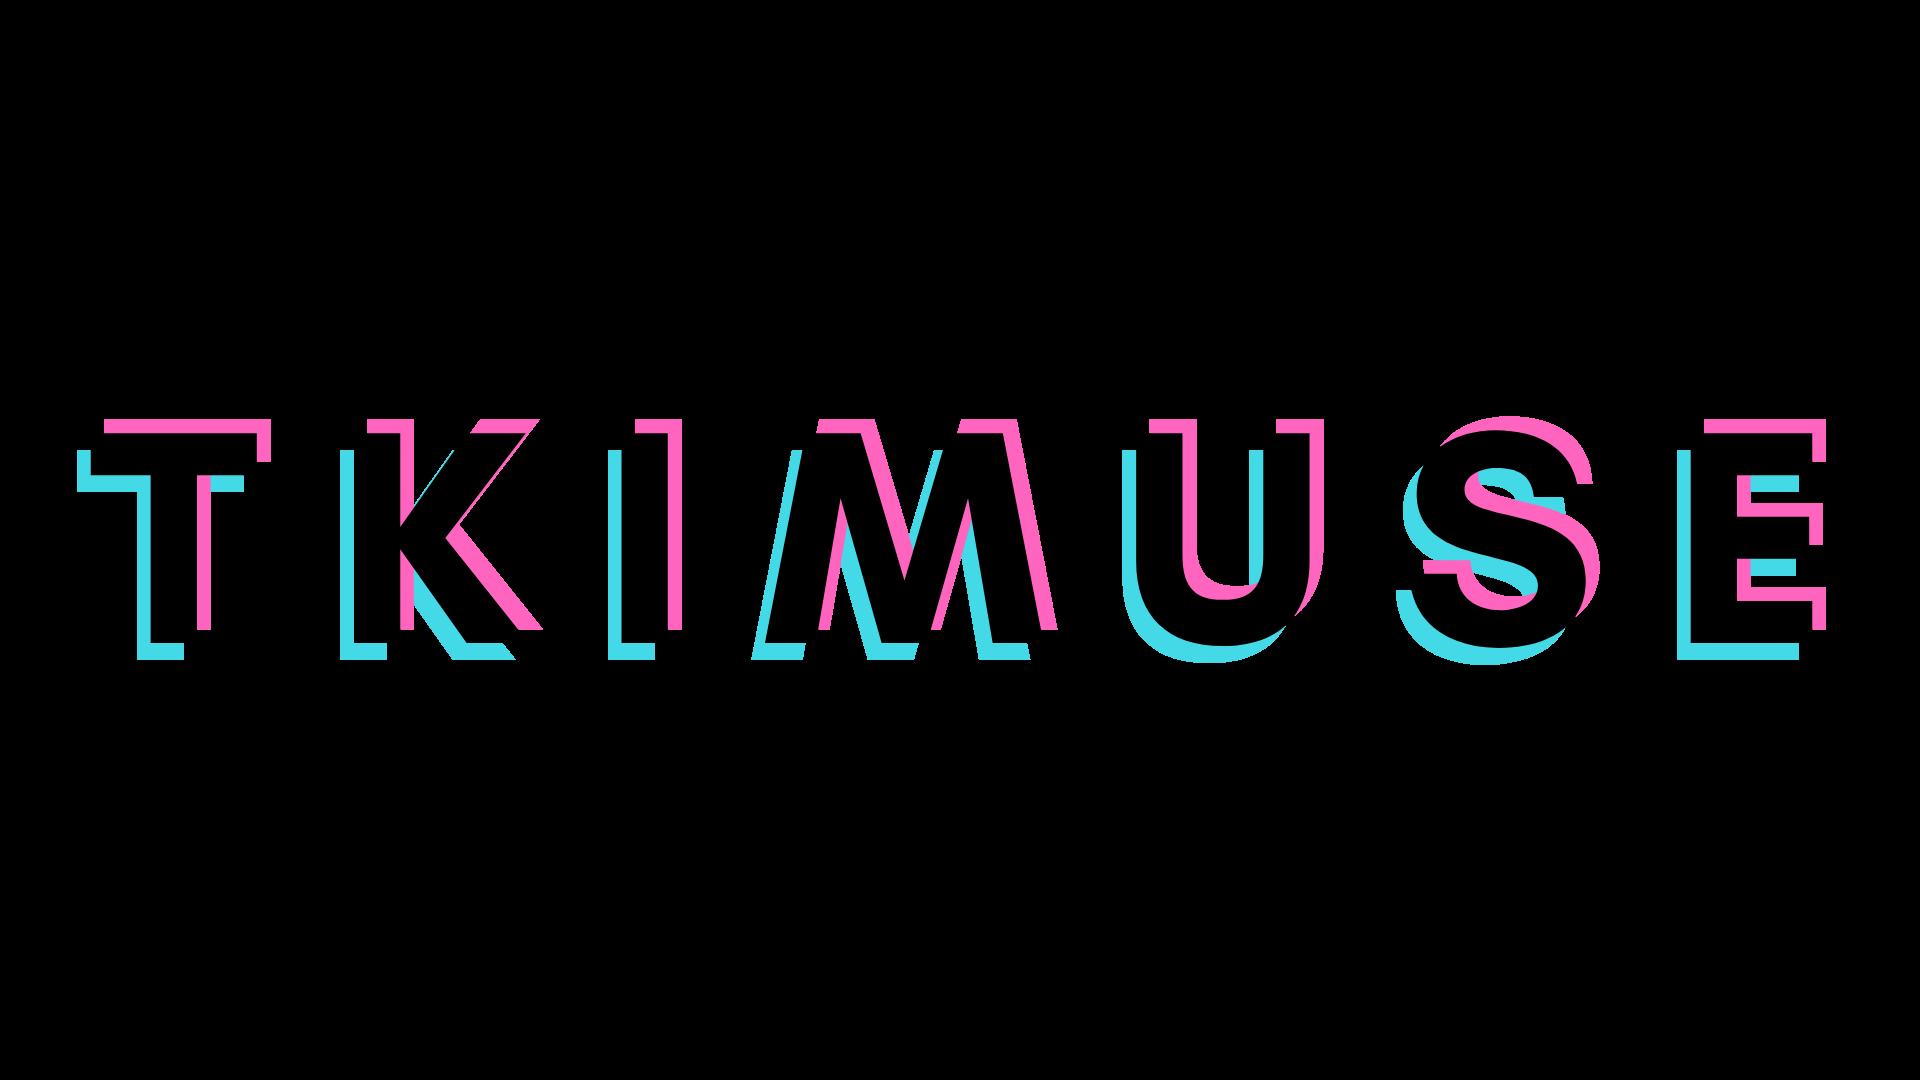 TKIMUSE